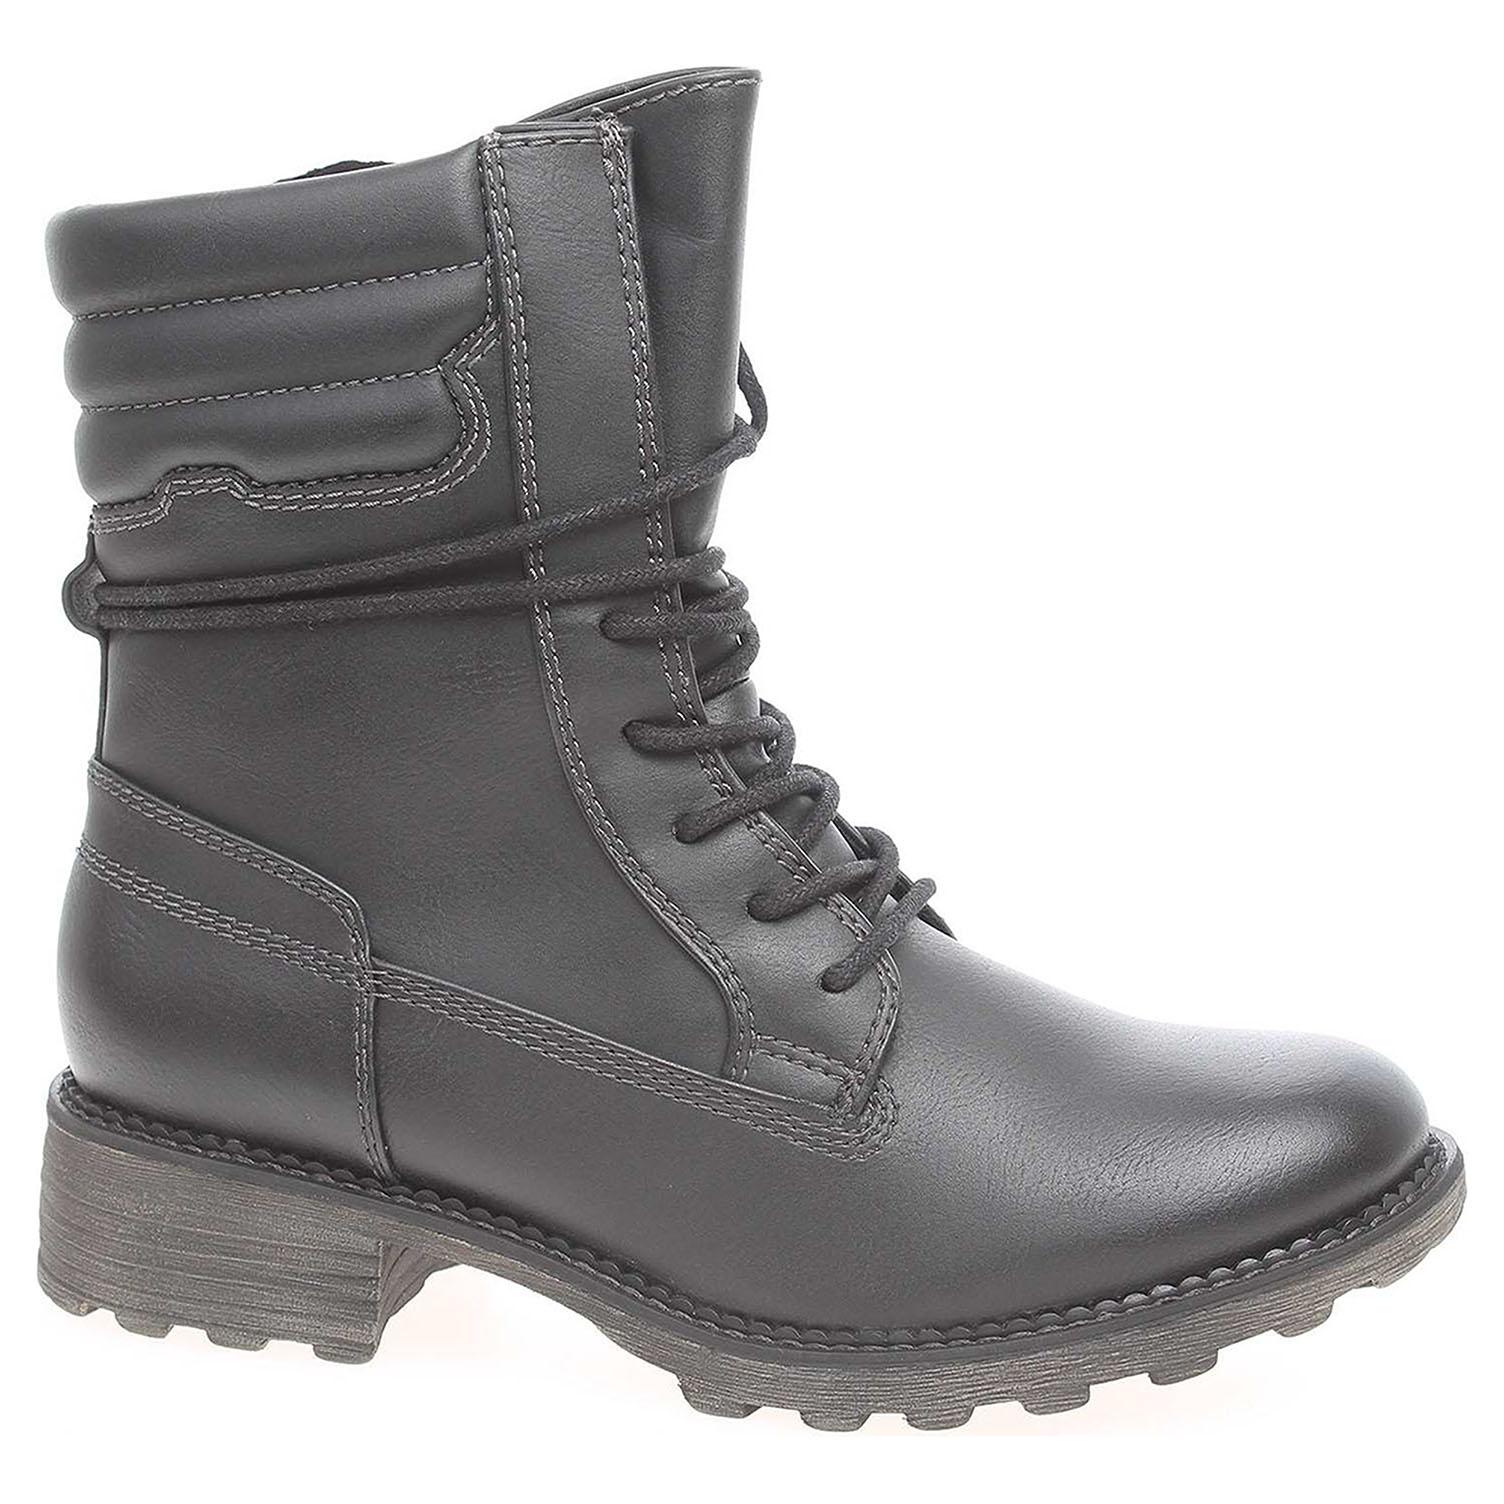 6893e225621f Ecco Dámská kotníková obuv Tamaris 1-26206-29 černé 22400585